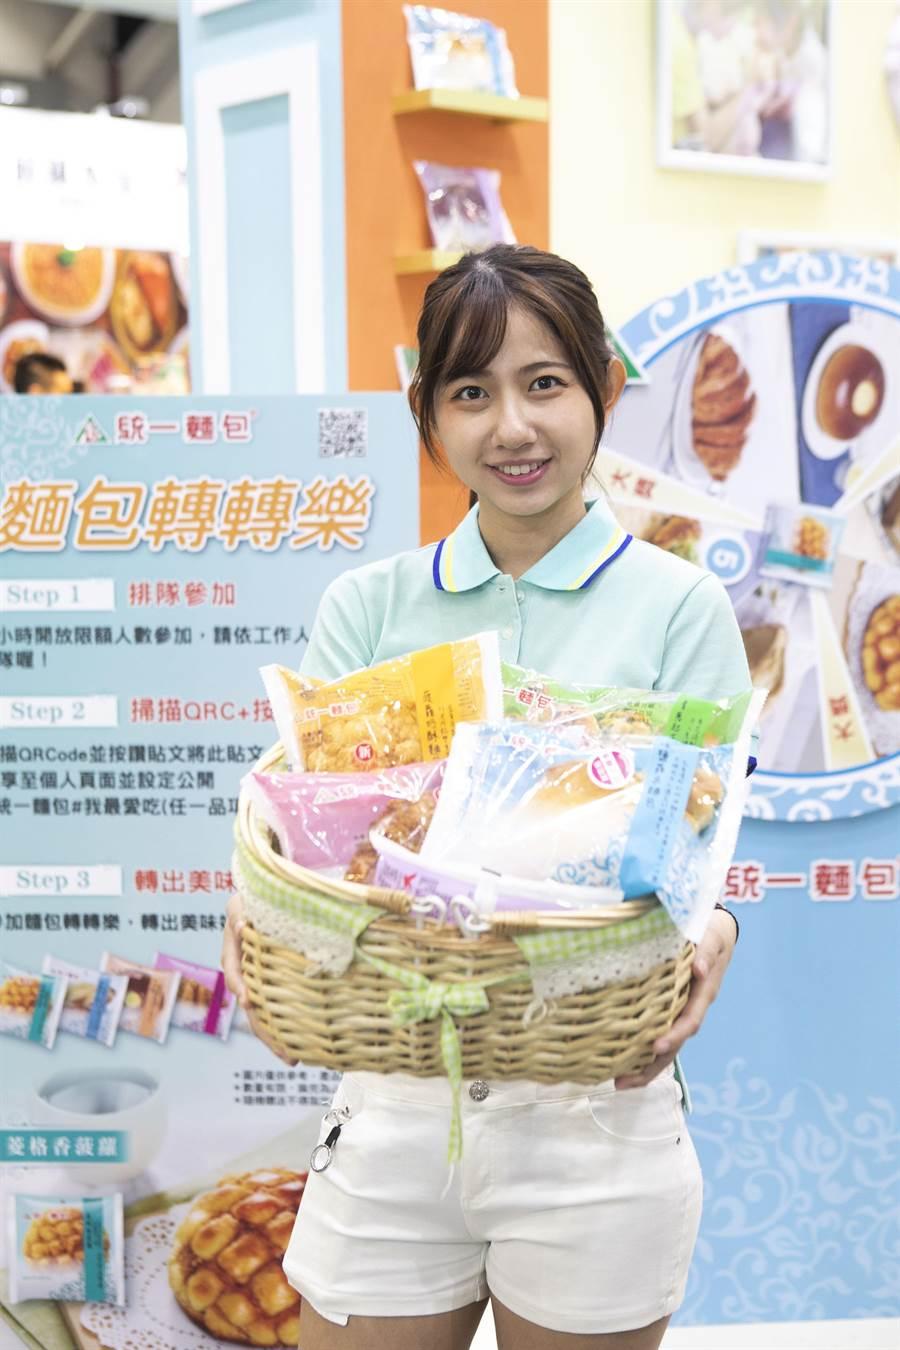 響應旅展1111活動,『統一麵包』周六、周日推出福袋1元限量發售。圖:統一提供